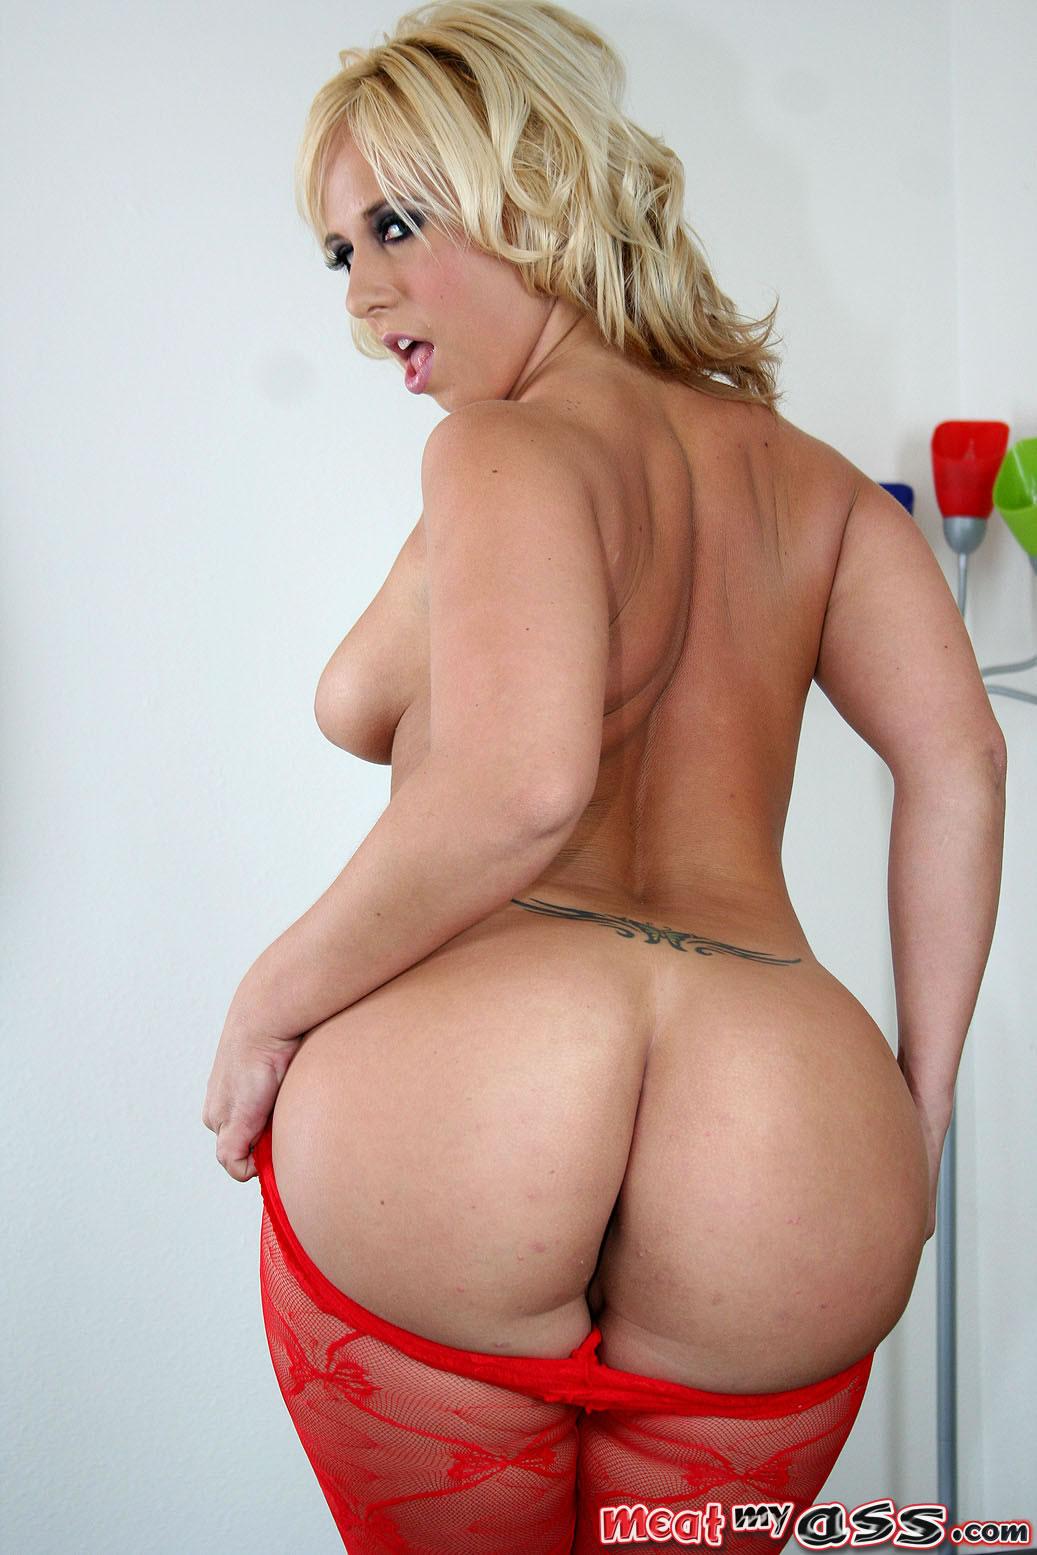 Georgia peach porn star